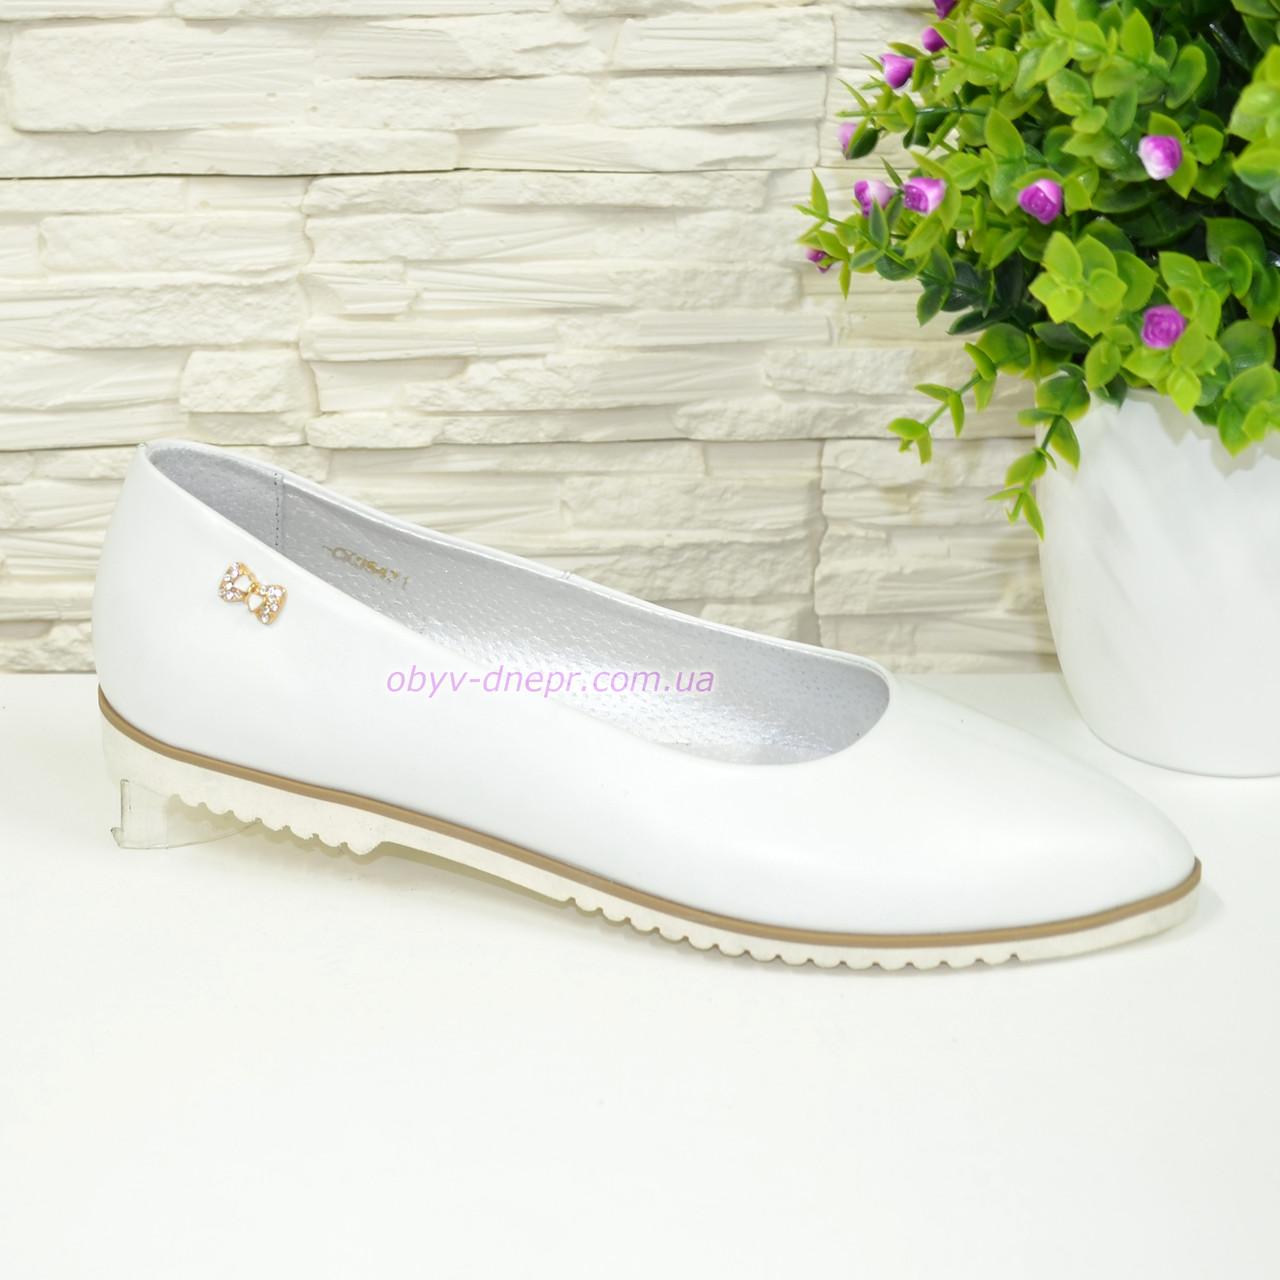 Туфли-балетки женские белые кожаные с заостренным носком.